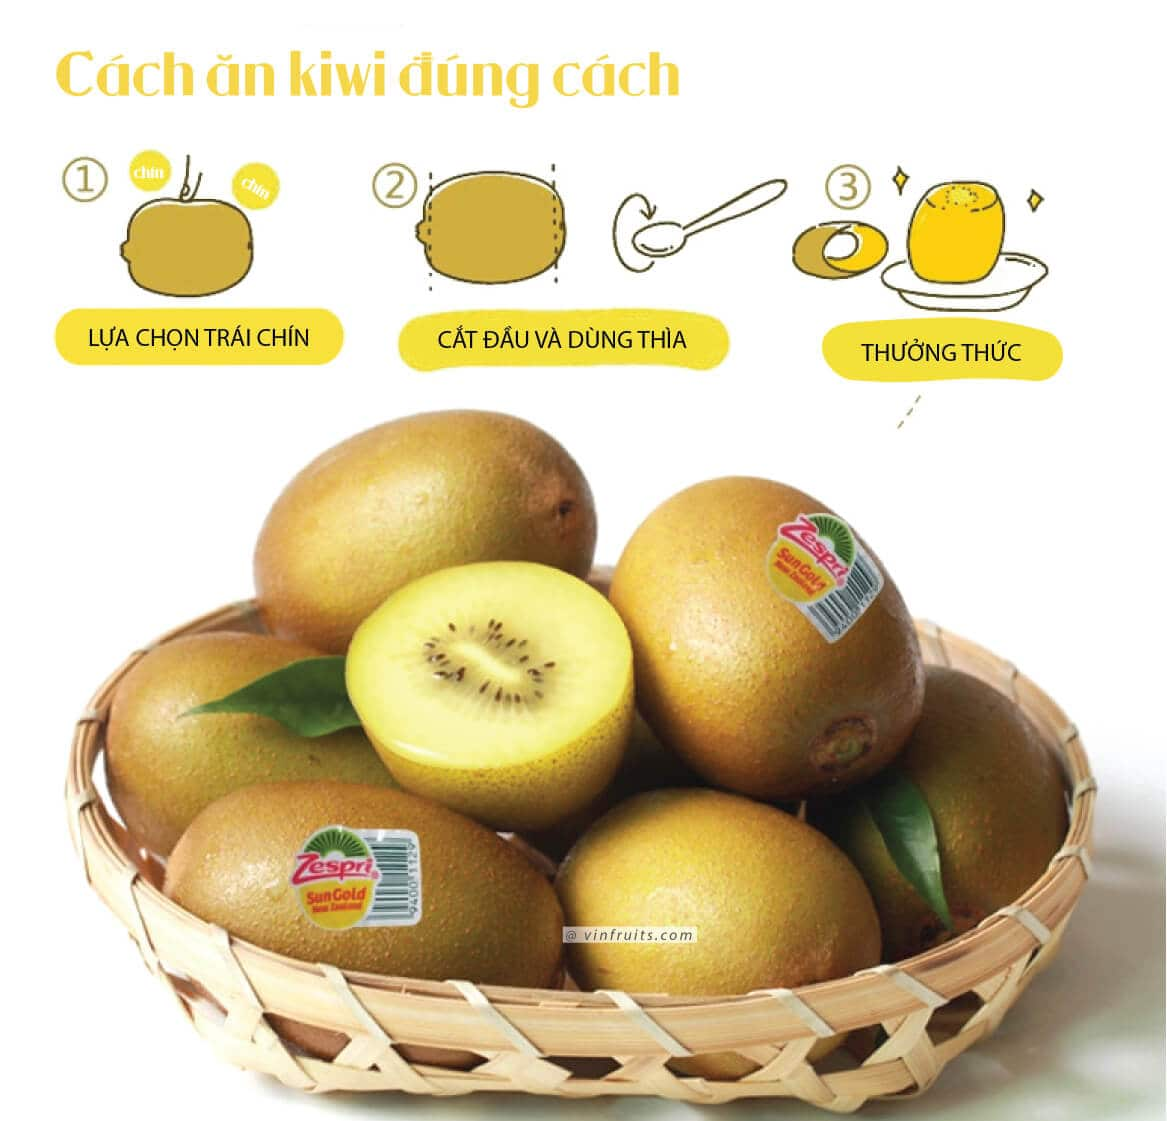 Cach got kiwi vang NZ - vinfruits